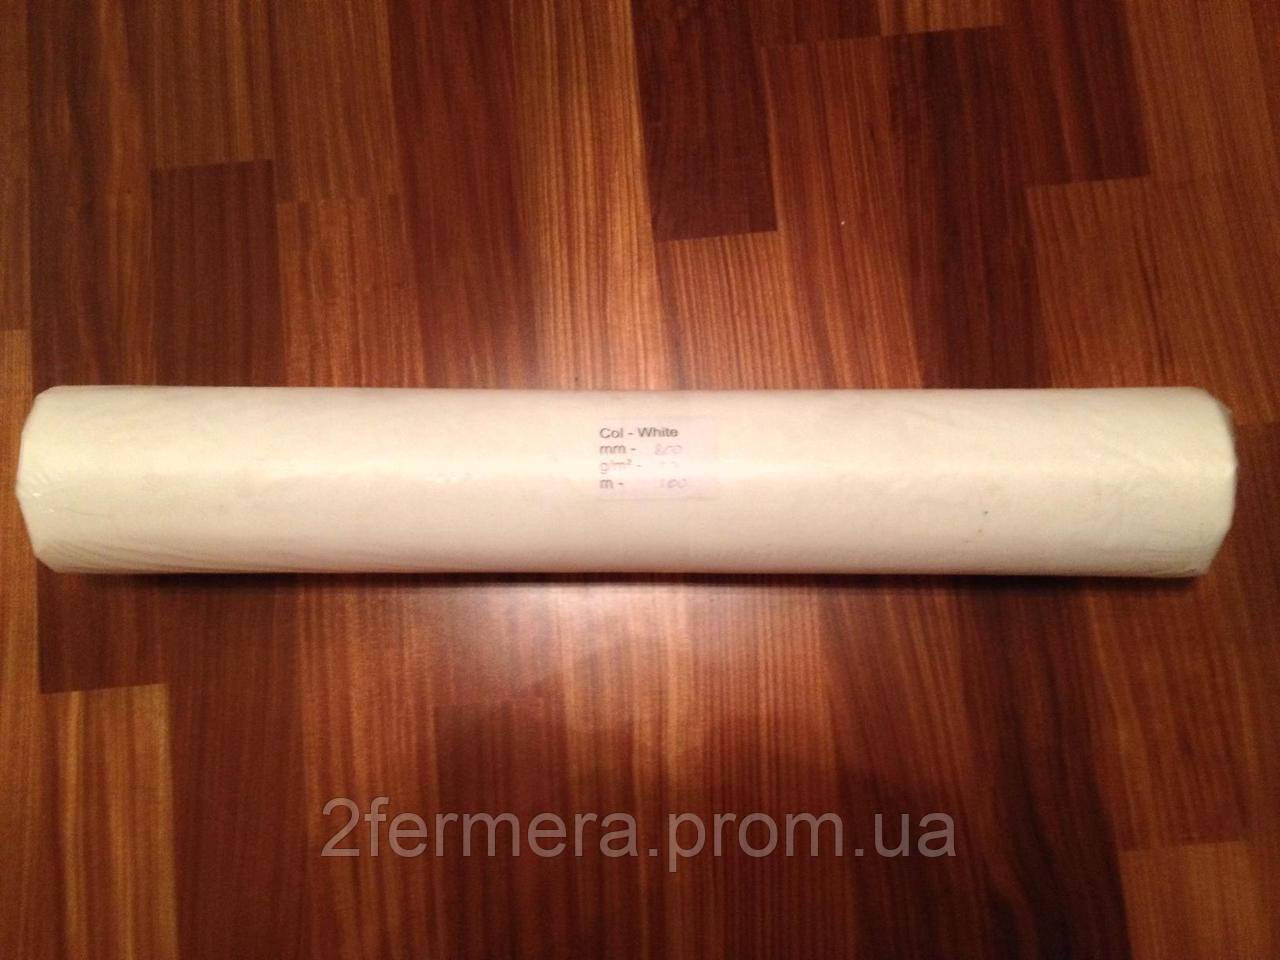 Простынь одноразовая 21гр 0.8*100м. белая new, фото 1